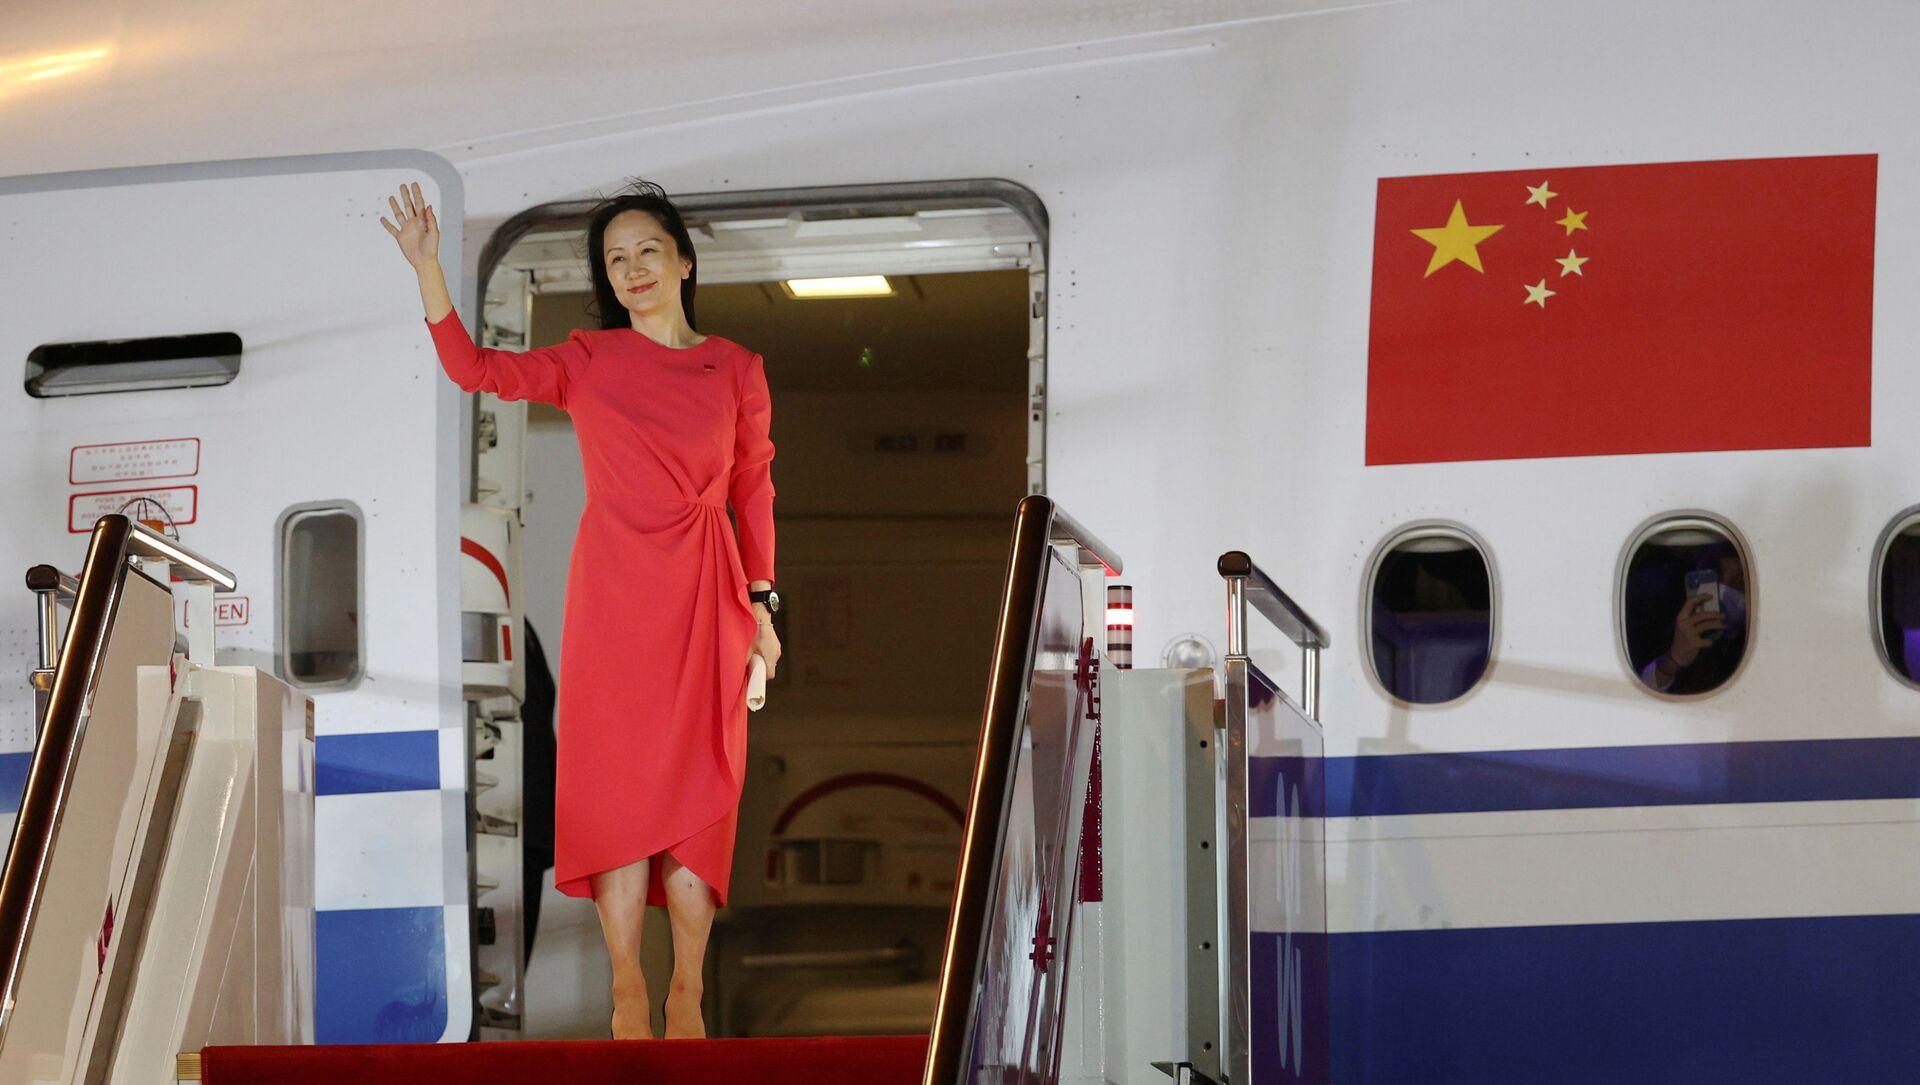 Финансовый директор Huawei Technologies Мэн Ваньчжоу машет рукой, когда она выходит из чартерного самолета в международном аэропорту Шэньчжэнь Баоань в Шэньчжэне, провинция Гуандун, Китай, 25 сентября 2021 года. Цзинь Ливанг - Sputnik Абхазия, 1920, 28.09.2021